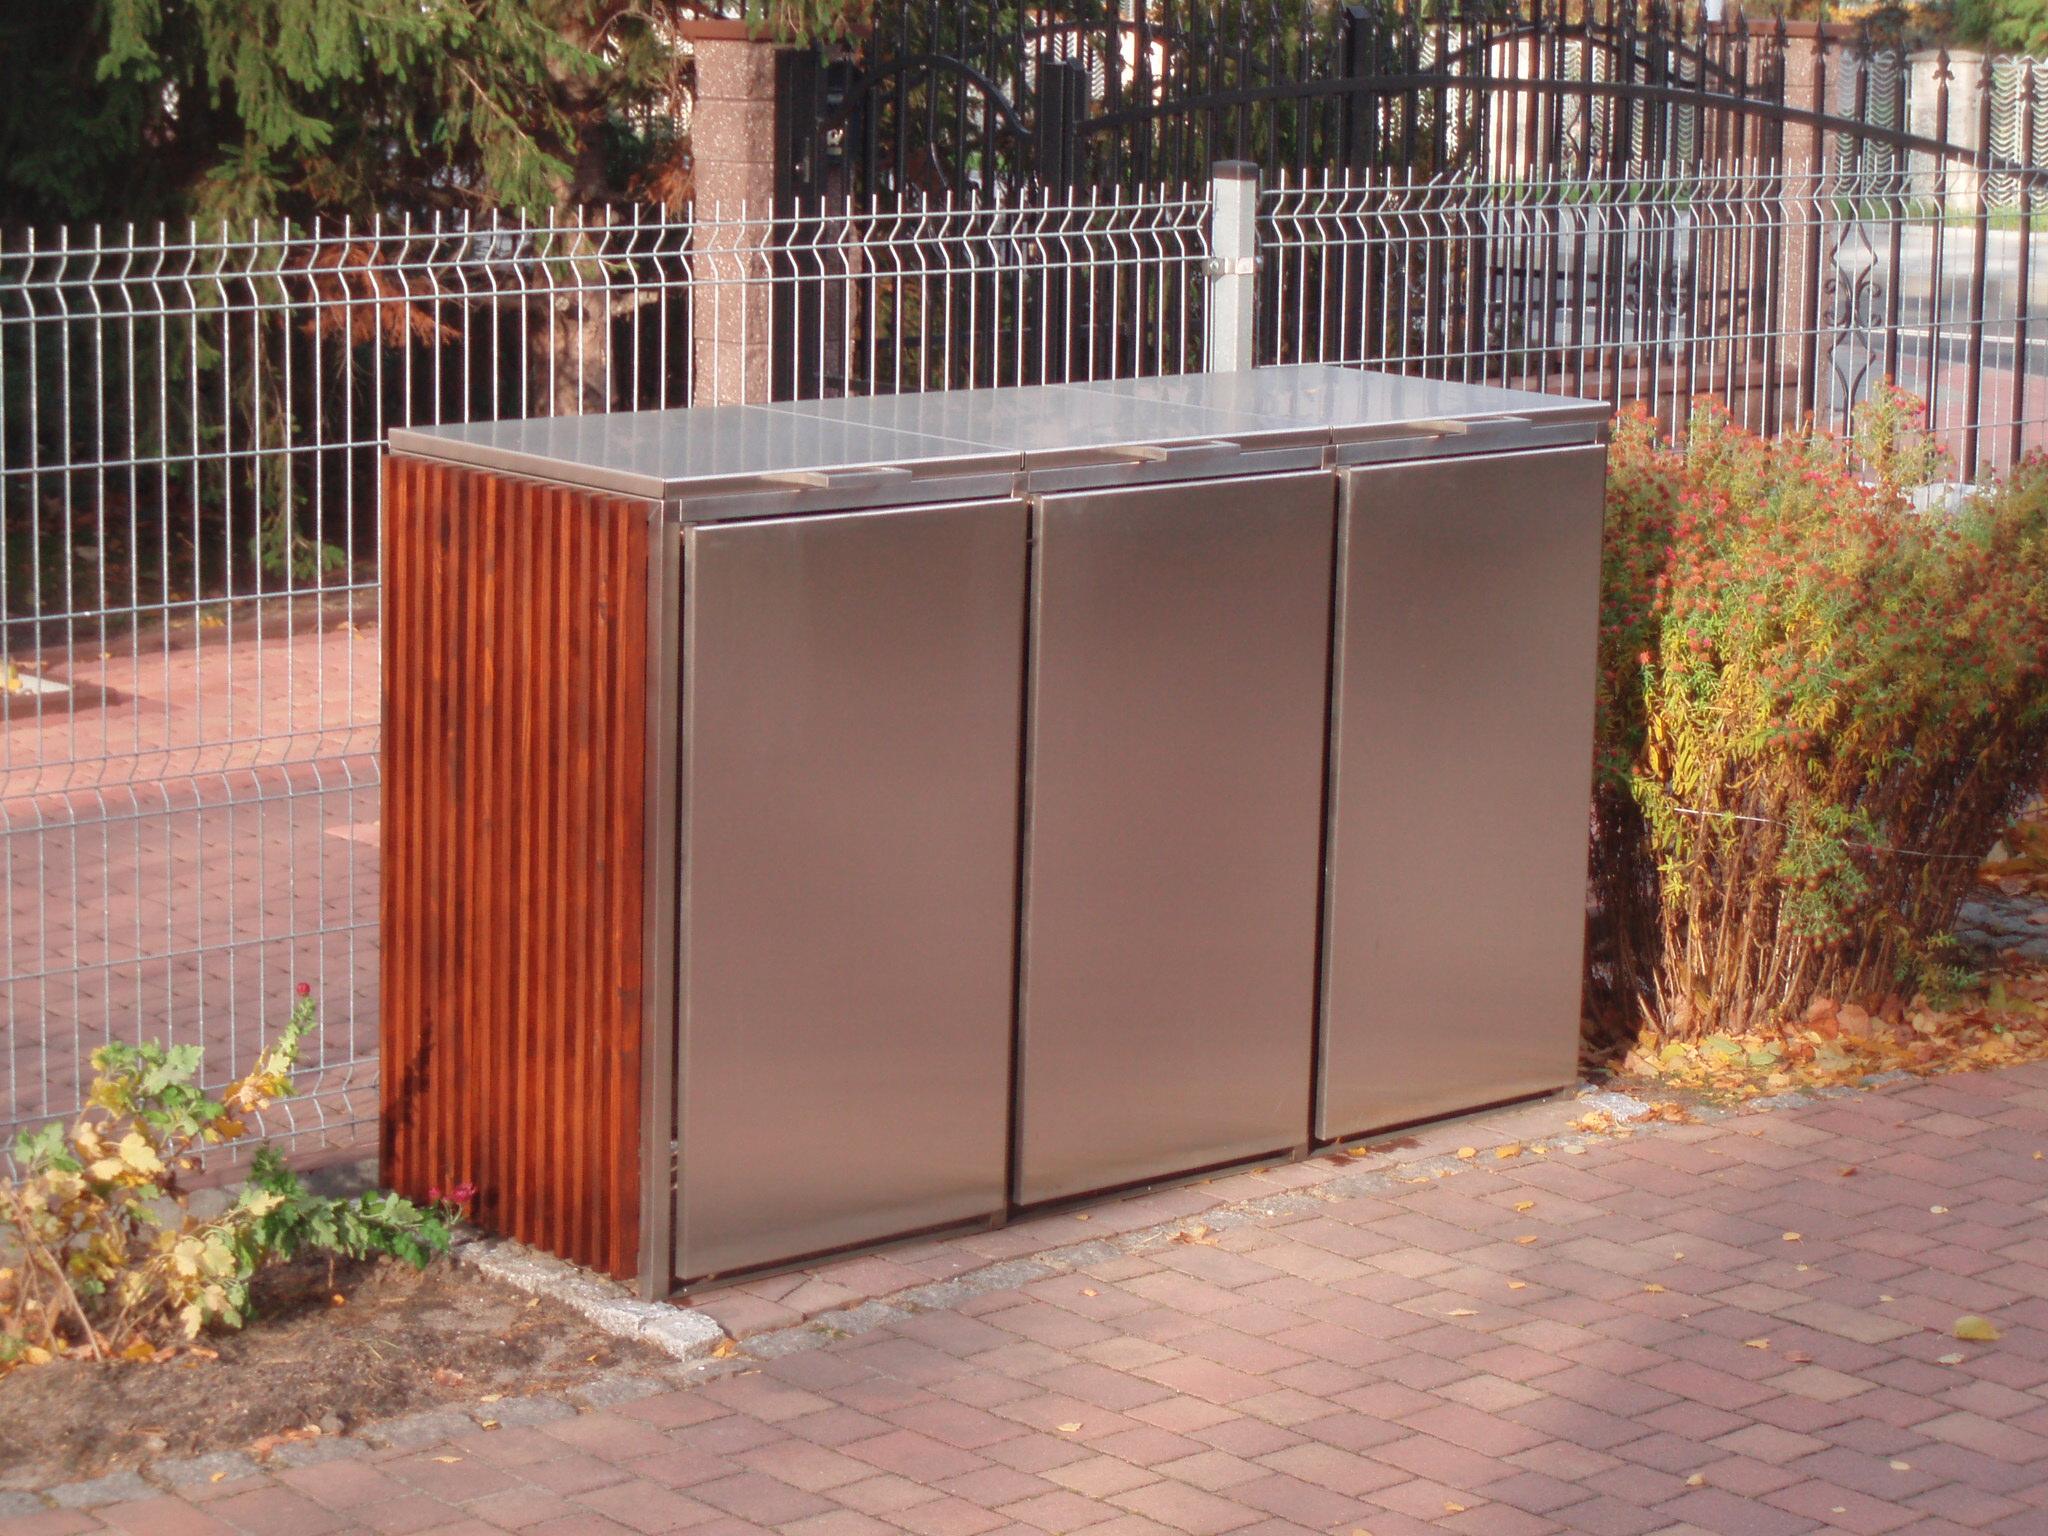 m llbox celine 3 240 l. Black Bedroom Furniture Sets. Home Design Ideas